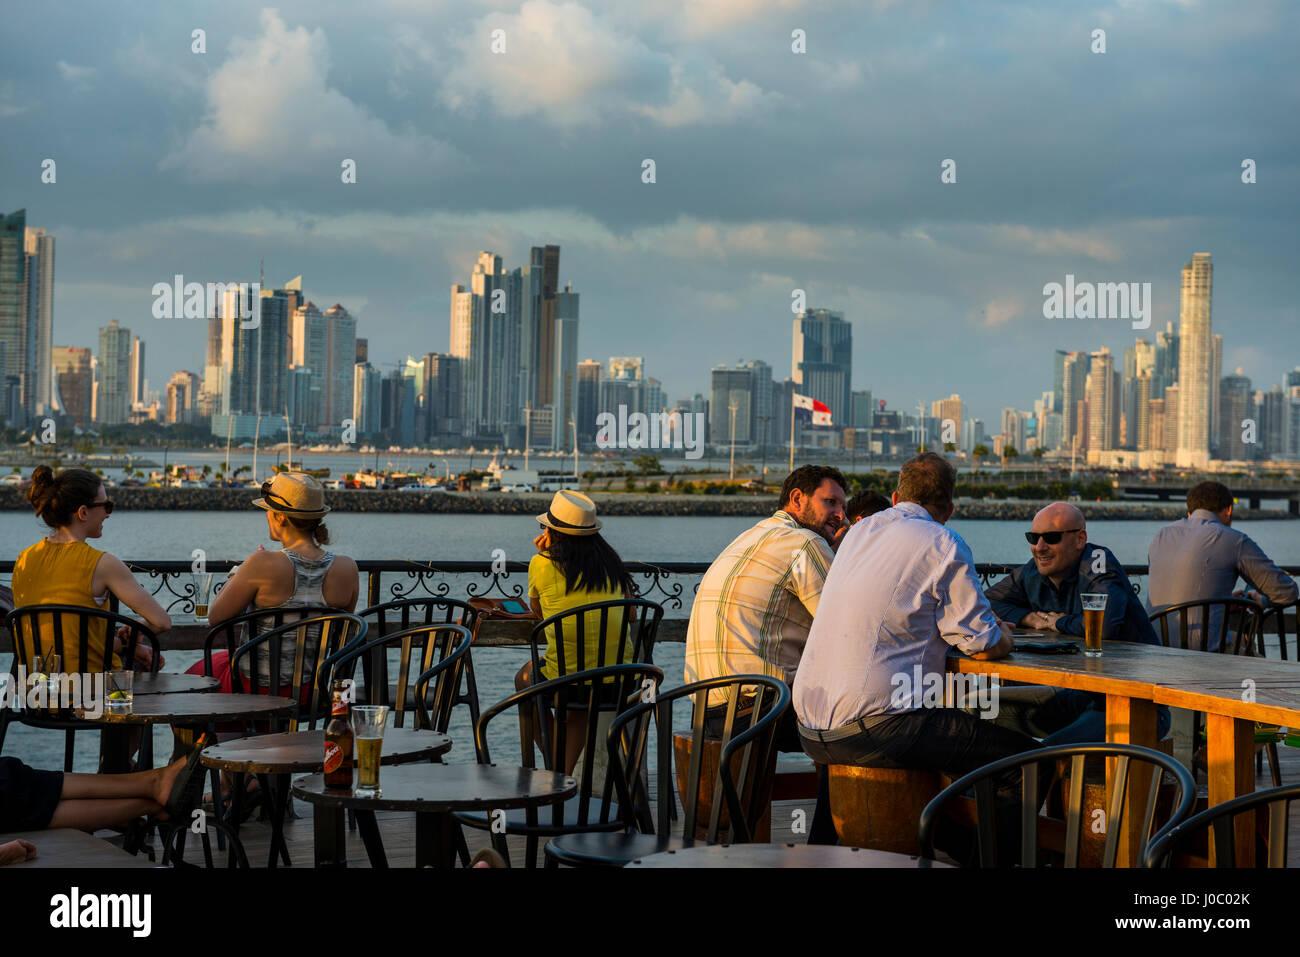 Bar nel Casco Viejo che domina lo skyline della città di Panama, Panama America Centrale Immagini Stock